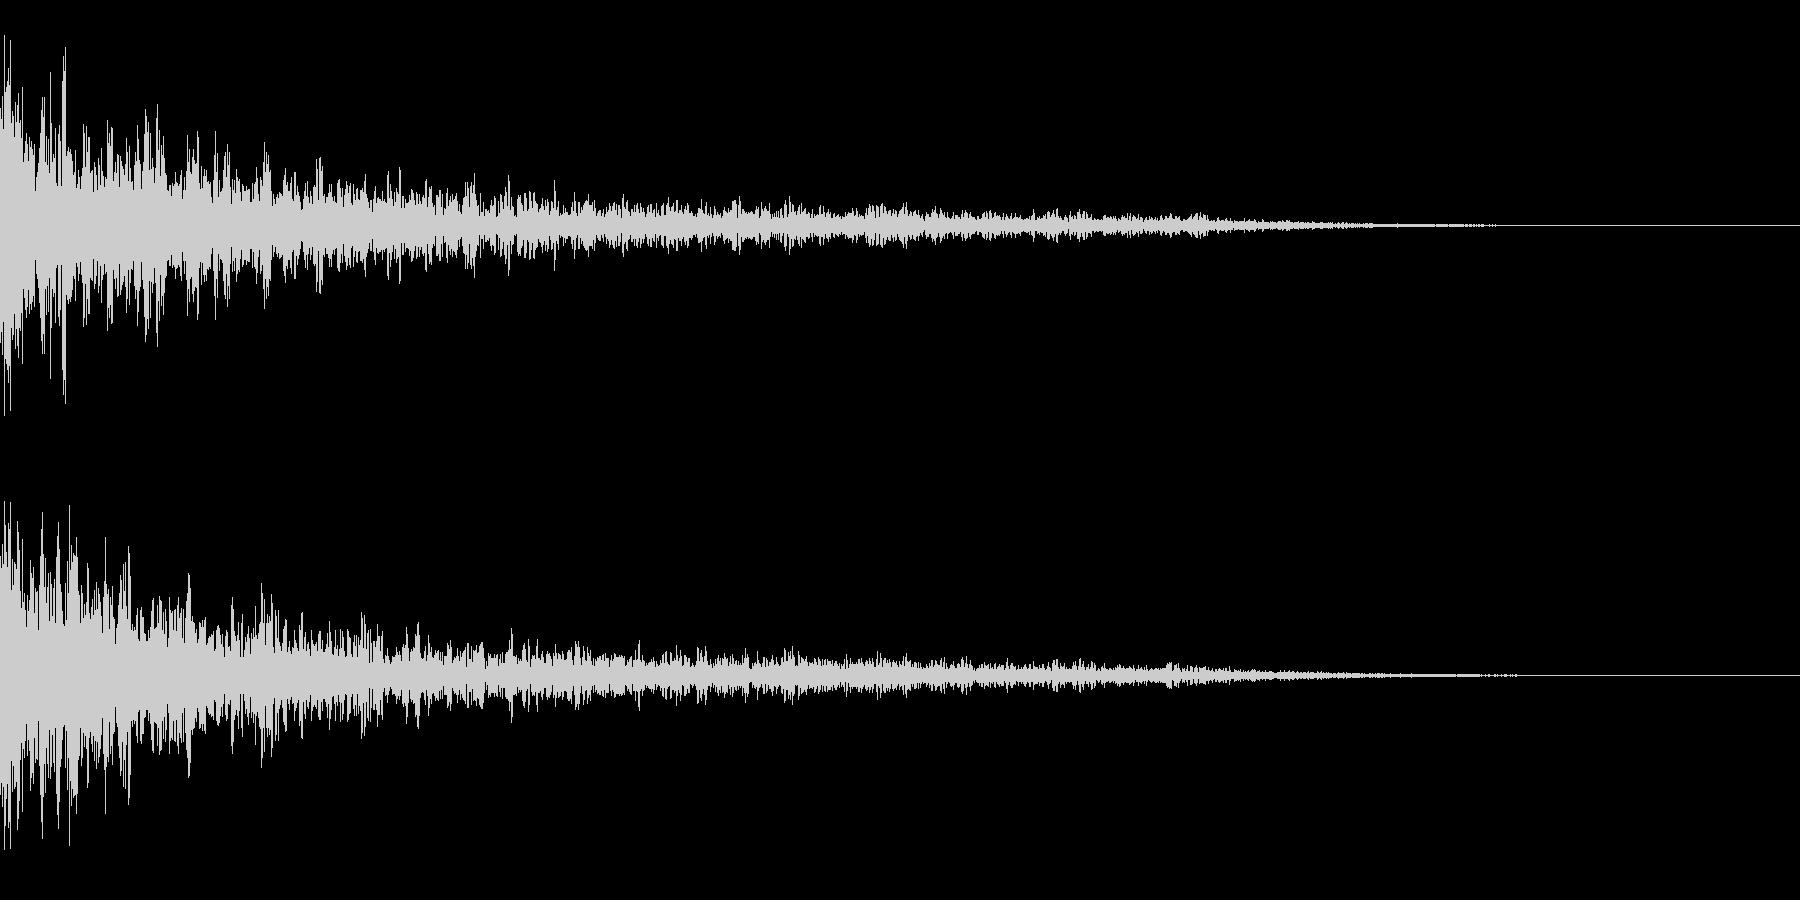 インパクト音 ドーン 余韻長めの未再生の波形